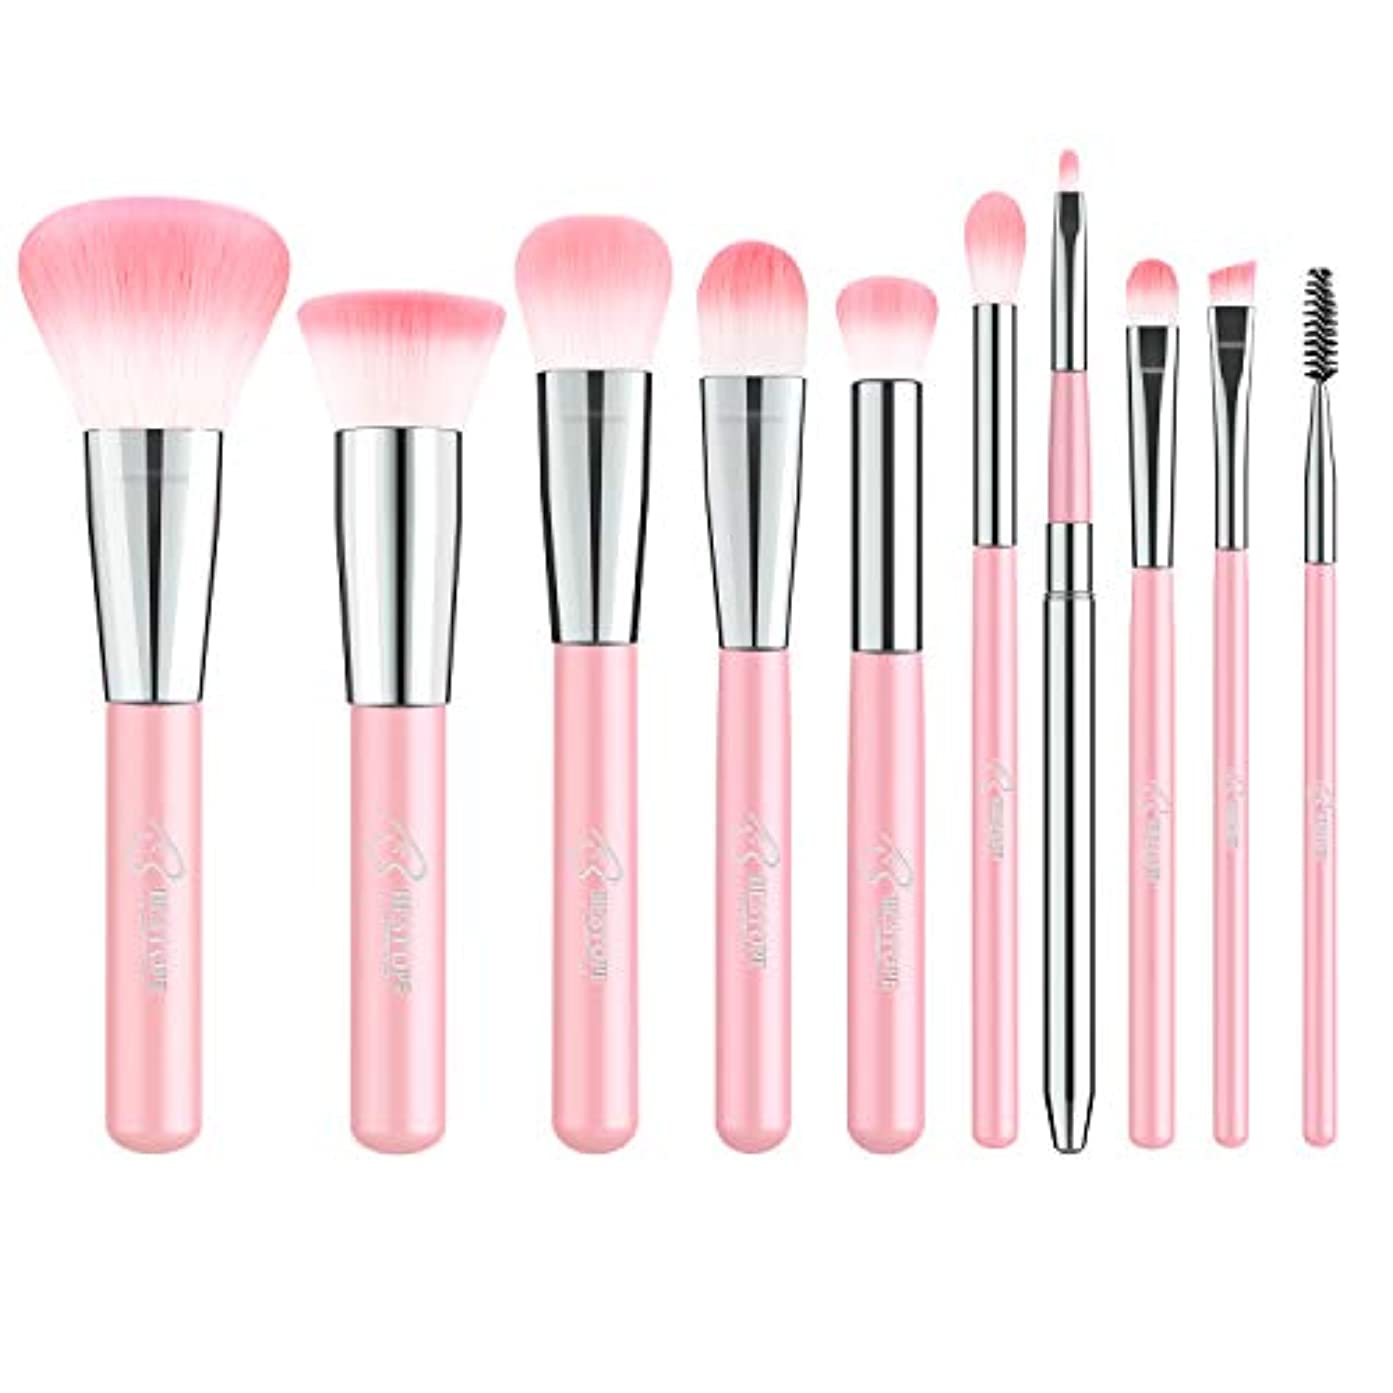 人に関する限り熱心もう一度BESTOPE メイクブラシ 10本セット 化粧ブラシ 化粧筆 ファンデーションブラシ フェイスブラシ 高級繊維毛 化粧ポーチ付き ピンク